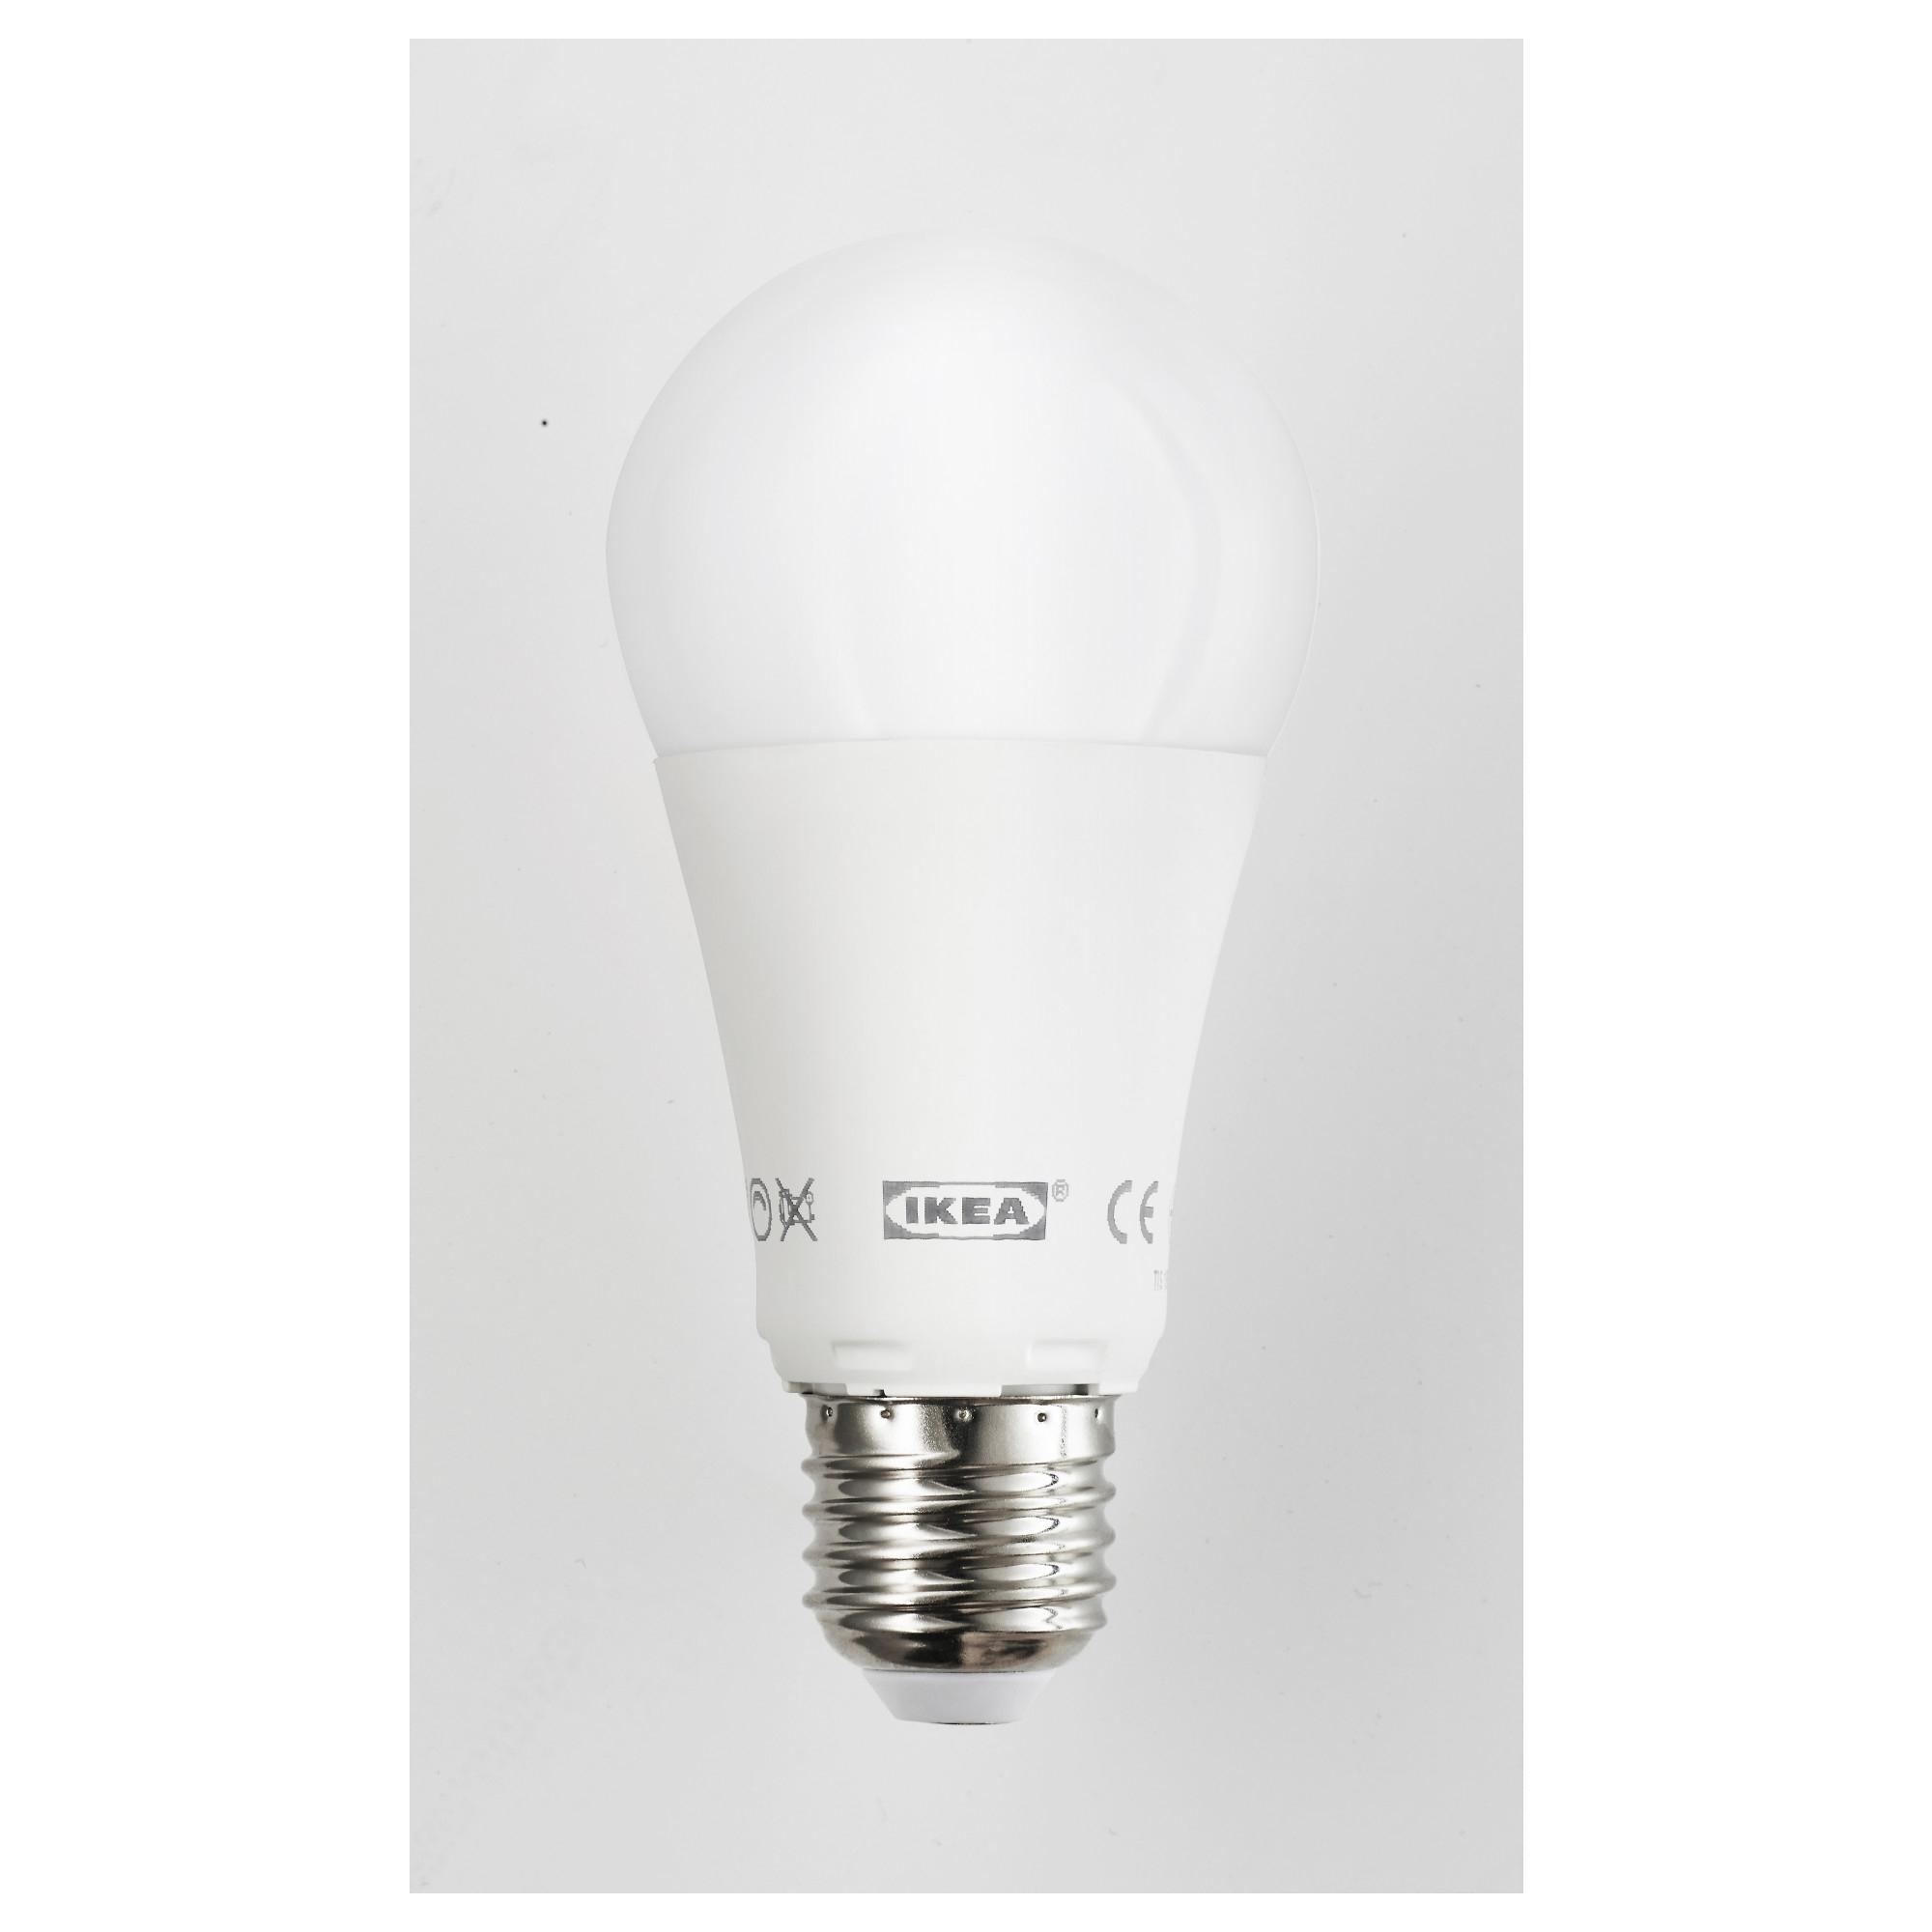 Ledare led e27 - Ikea tenerife productos ...